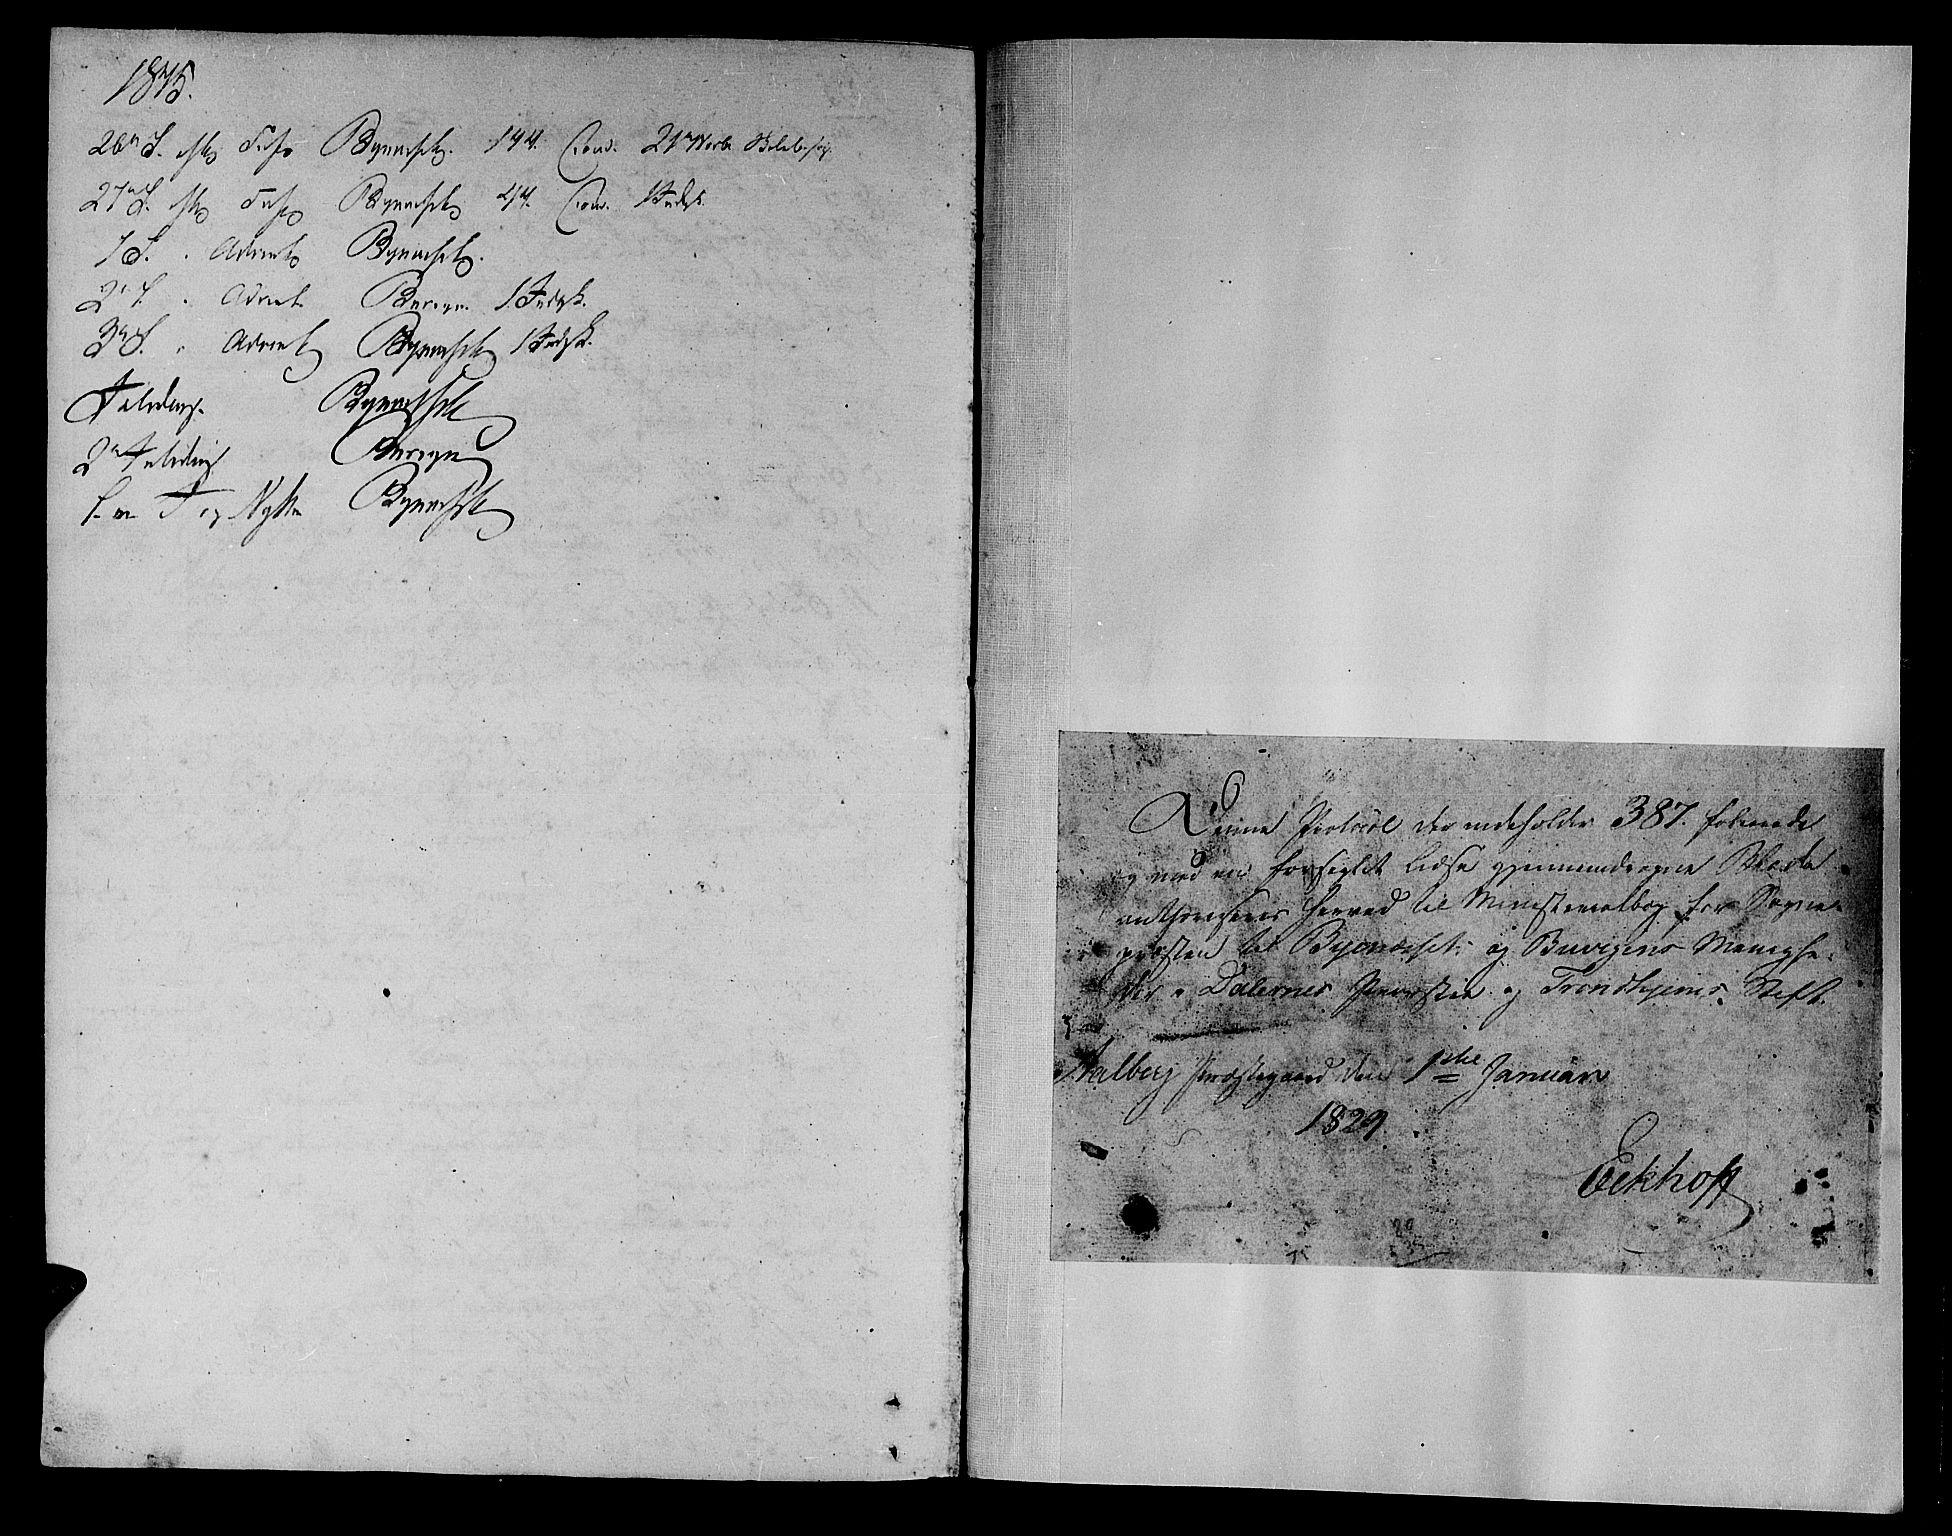 SAT, Ministerialprotokoller, klokkerbøker og fødselsregistre - Sør-Trøndelag, 612/L0374: Ministerialbok nr. 612A07 /1, 1829-1845